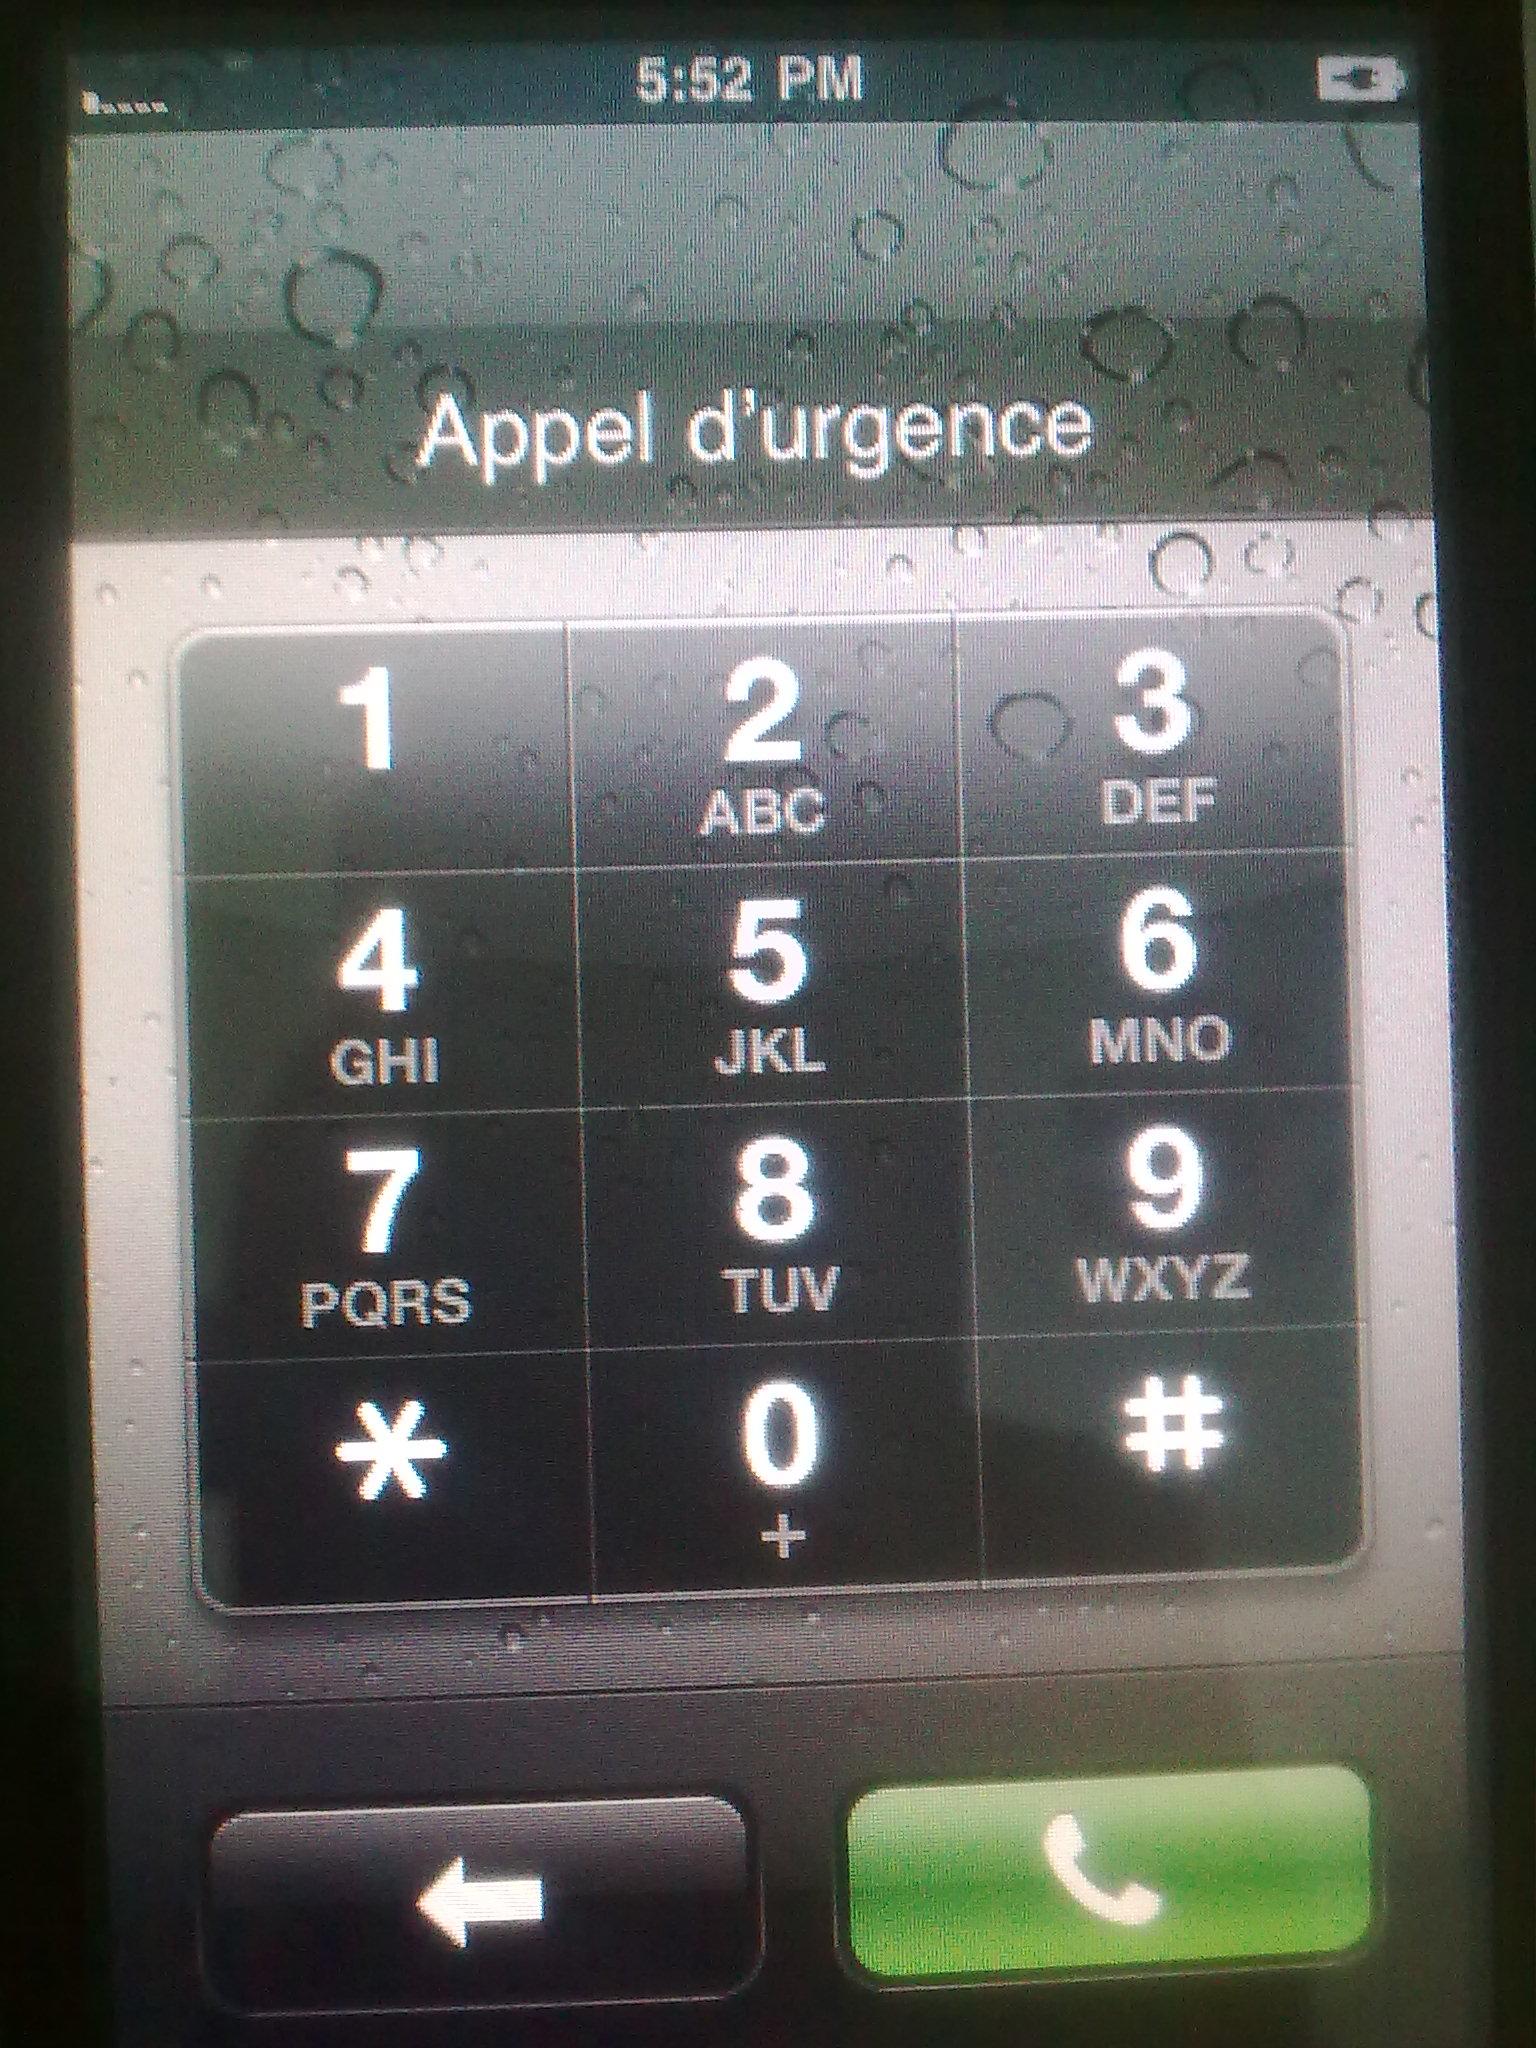 مشكلتى فى شكلها الجديد مع iphone 3g